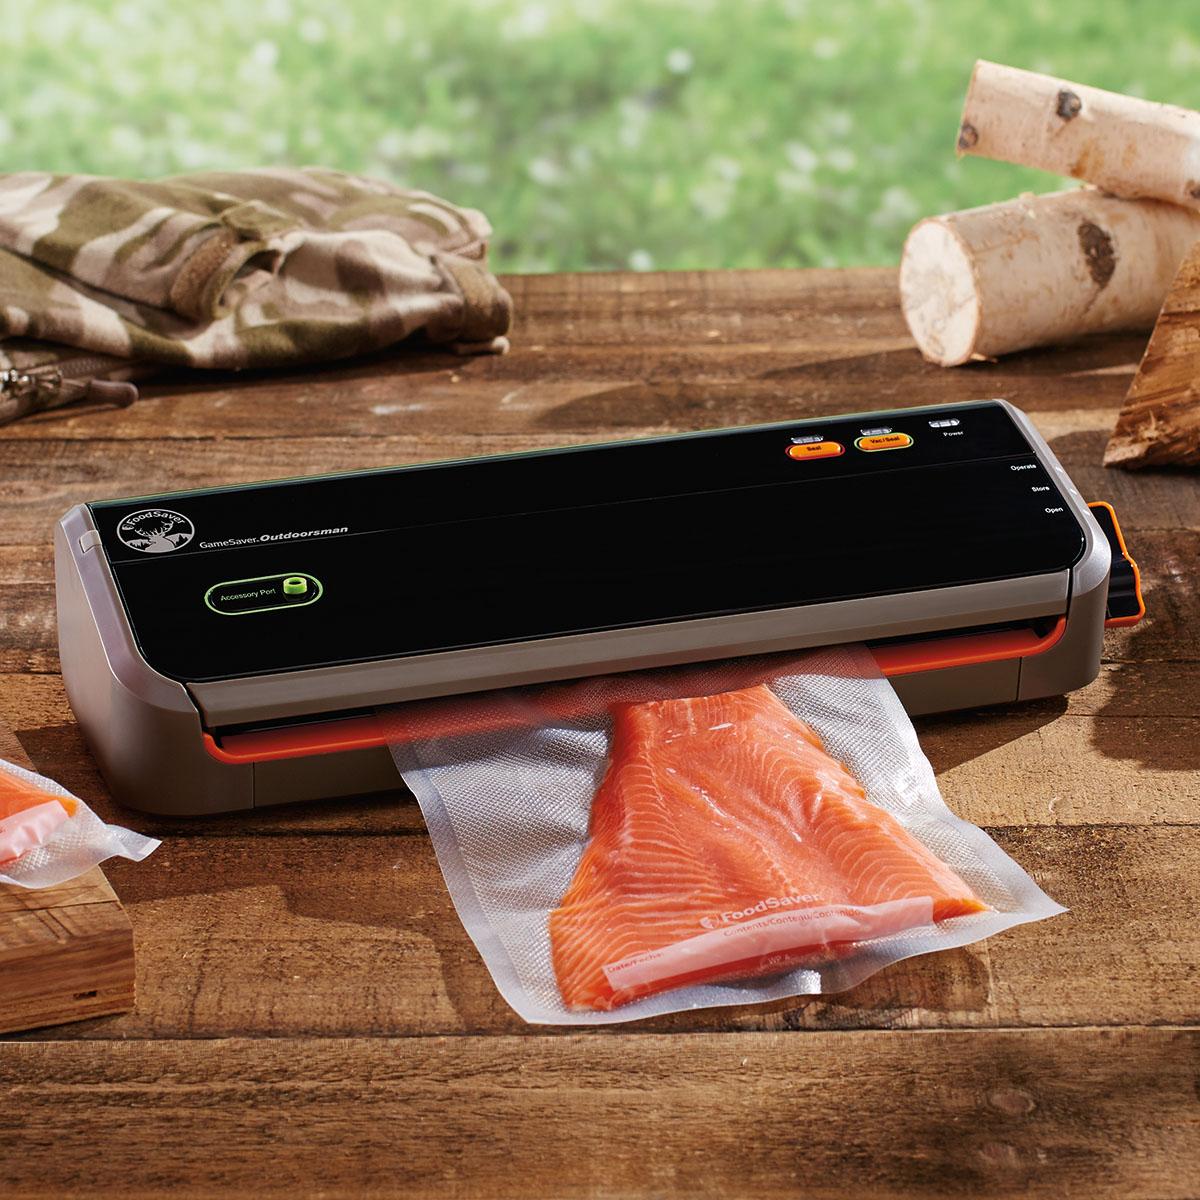 The NEW FoodSaver GameSaver® Outdoorsman™ GM2050 Food Preservation System GM2050-000 9